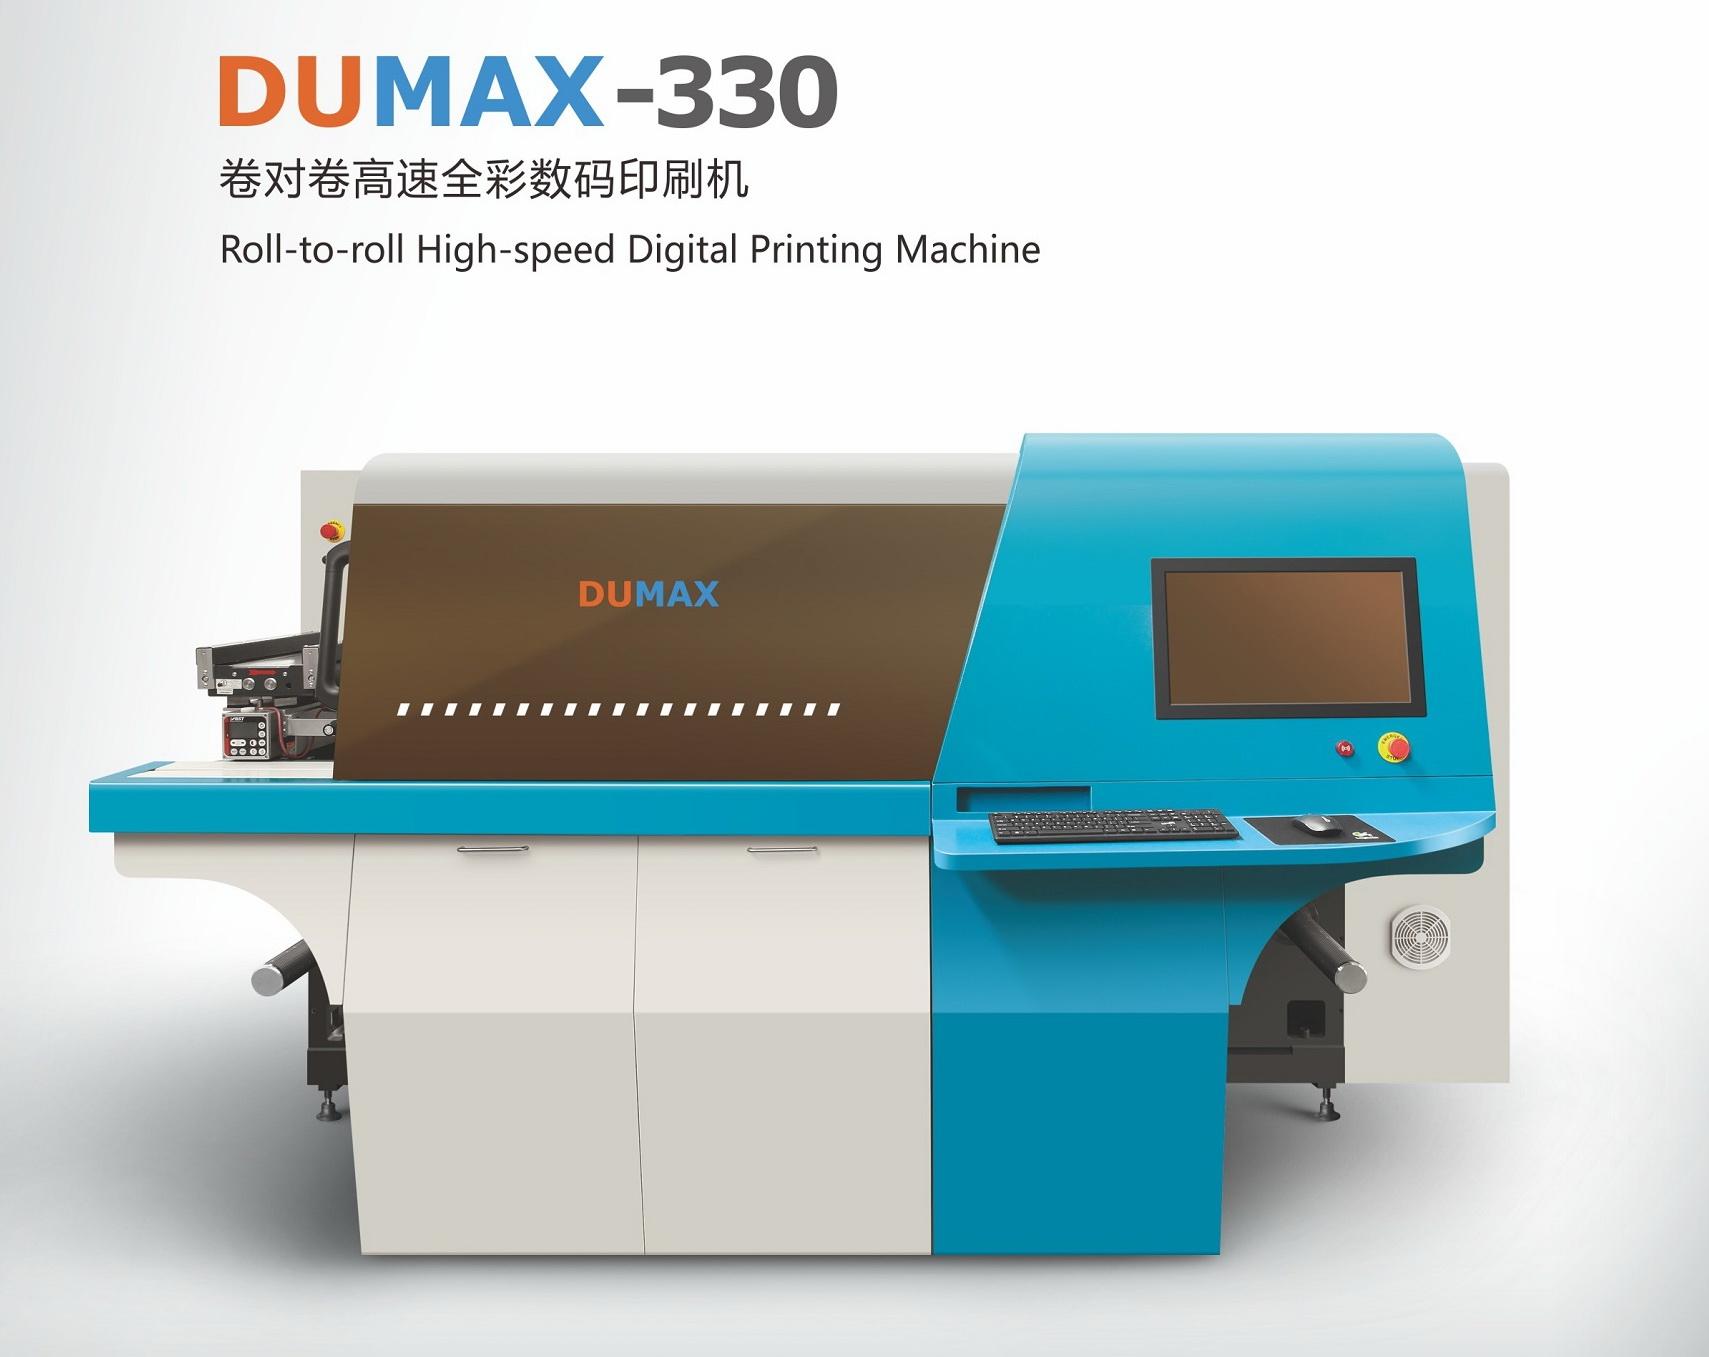 DUMAX-330卷对卷高速全彩数码印刷机